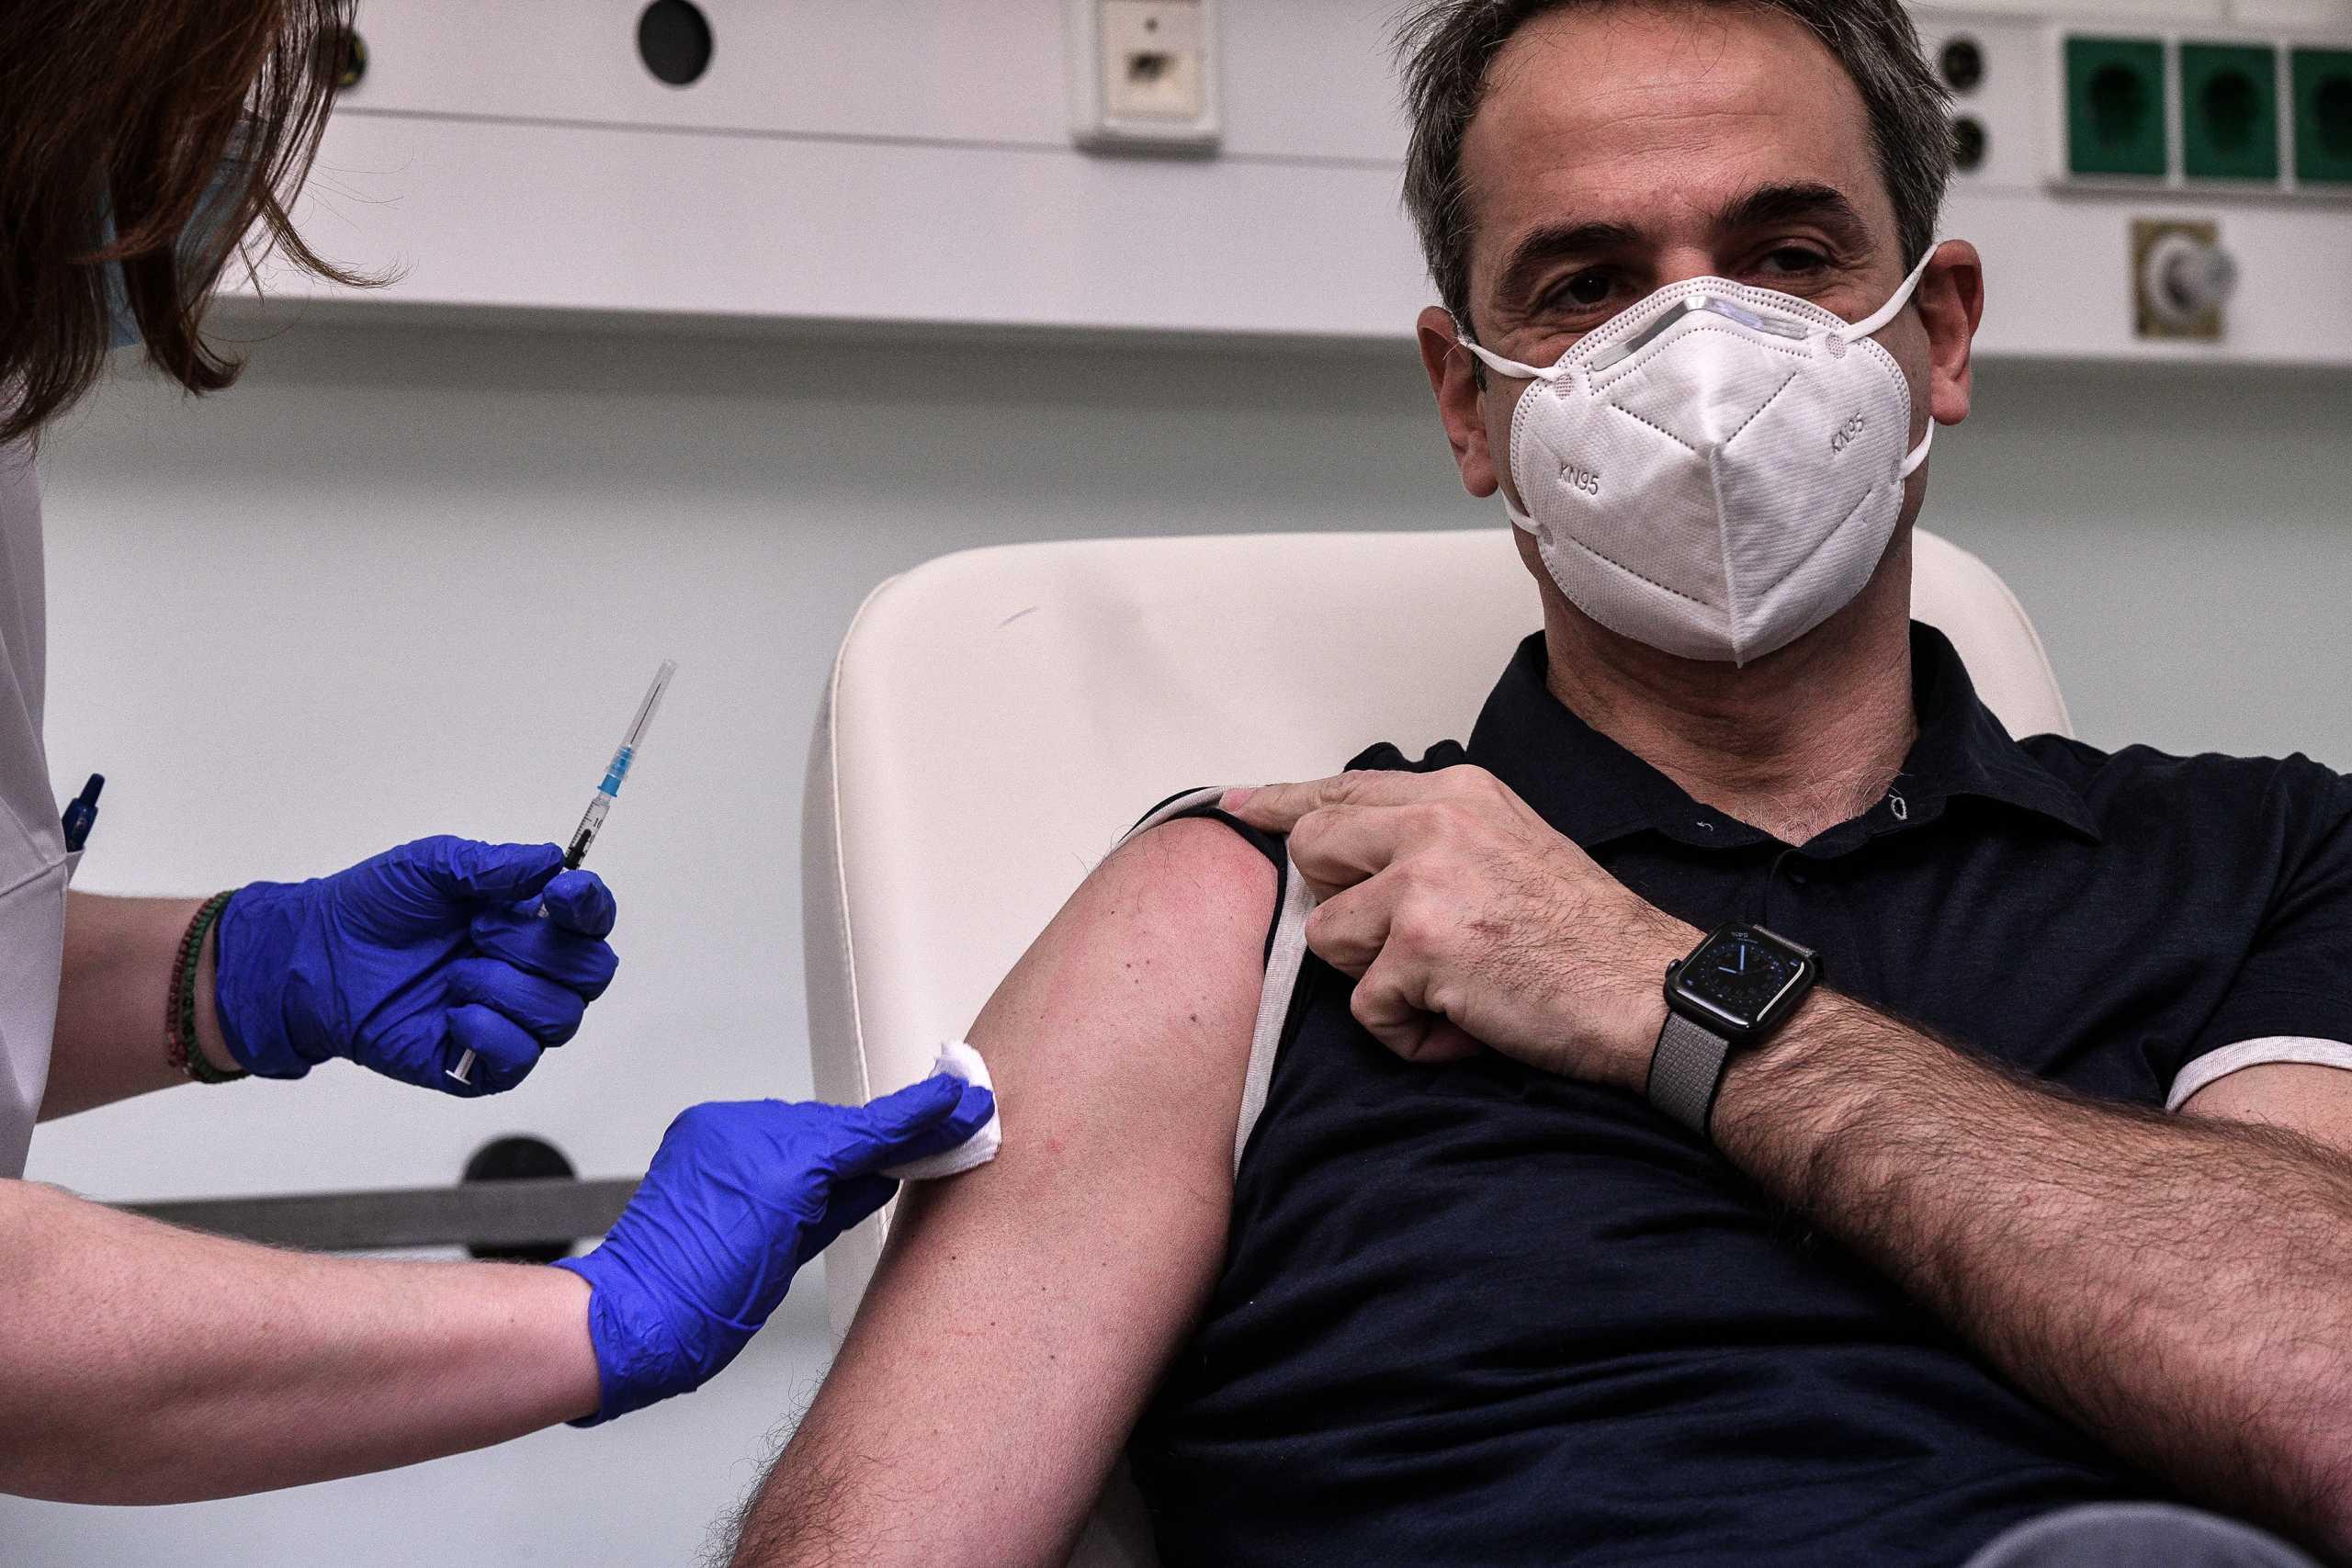 Εμβόλιο κορονοϊού: Νοσηλεύτρια απαντά στις θεωρίες συνωμοσίας για τον «ορό στο φιαλίδιο»